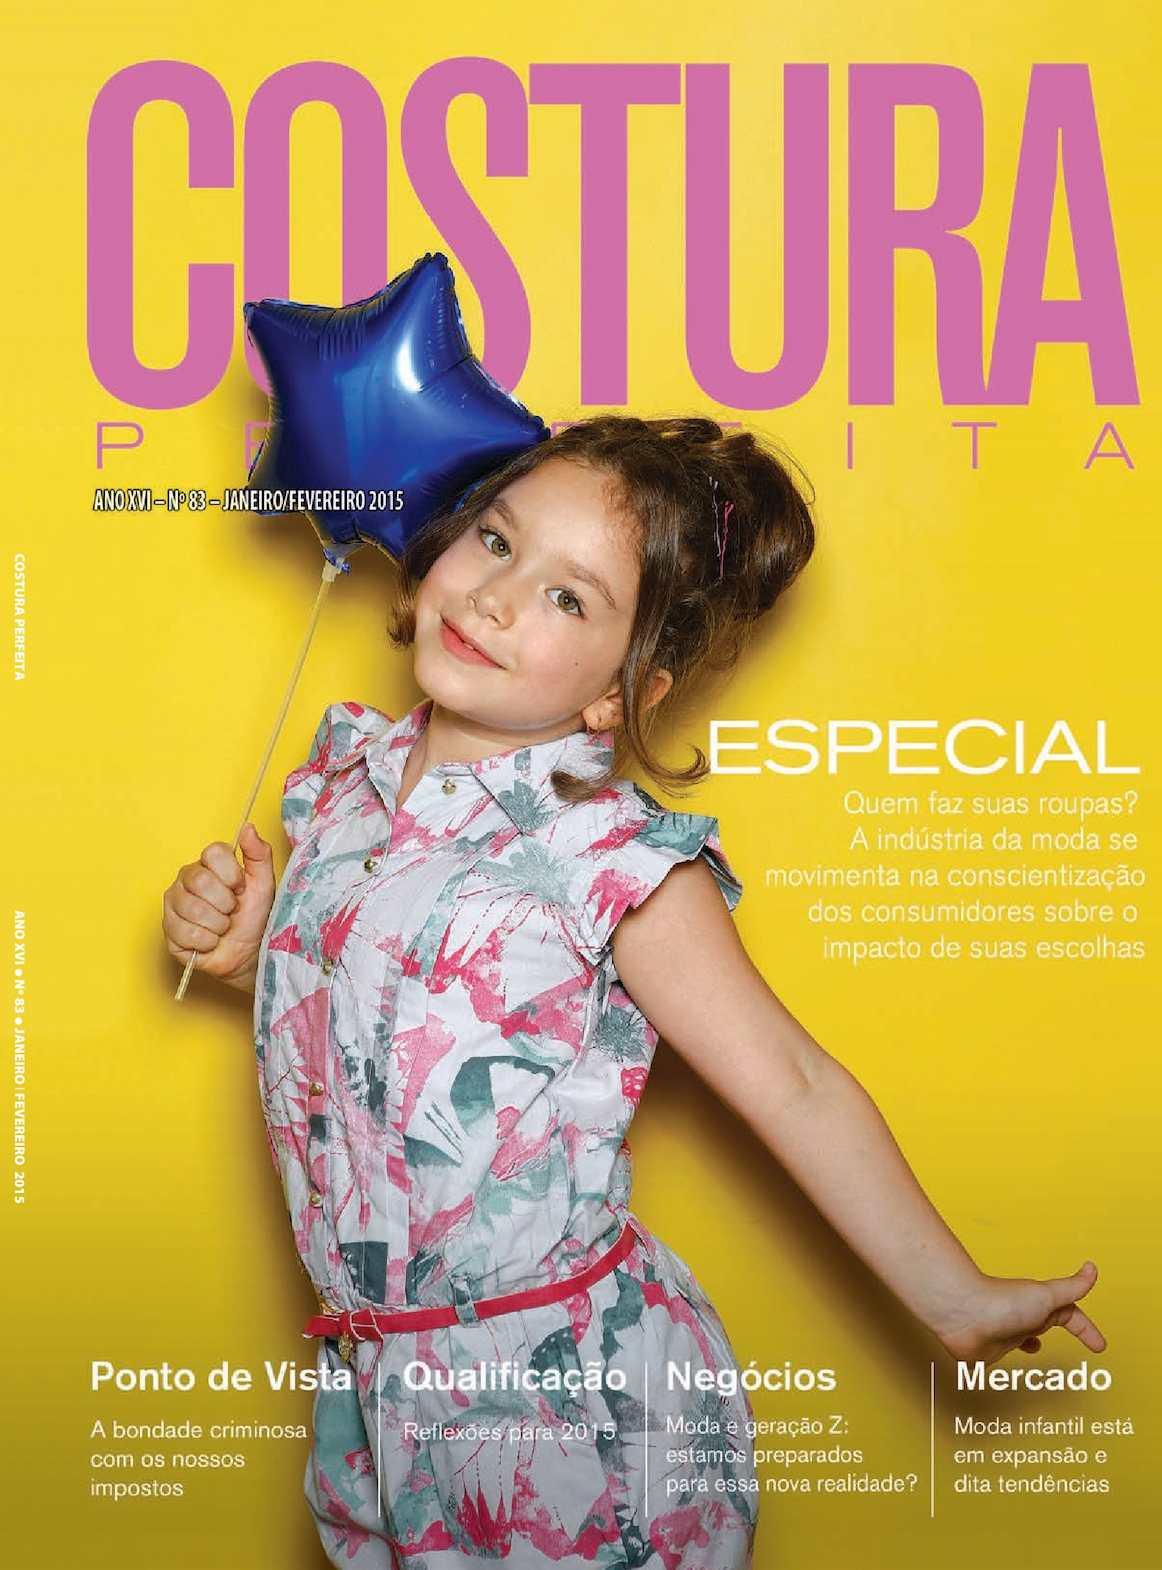 dab51d851 Calaméo - Revista Costura Perfeita Edição Ano XVI - N83 - Janeiro-Fevereiro  2015